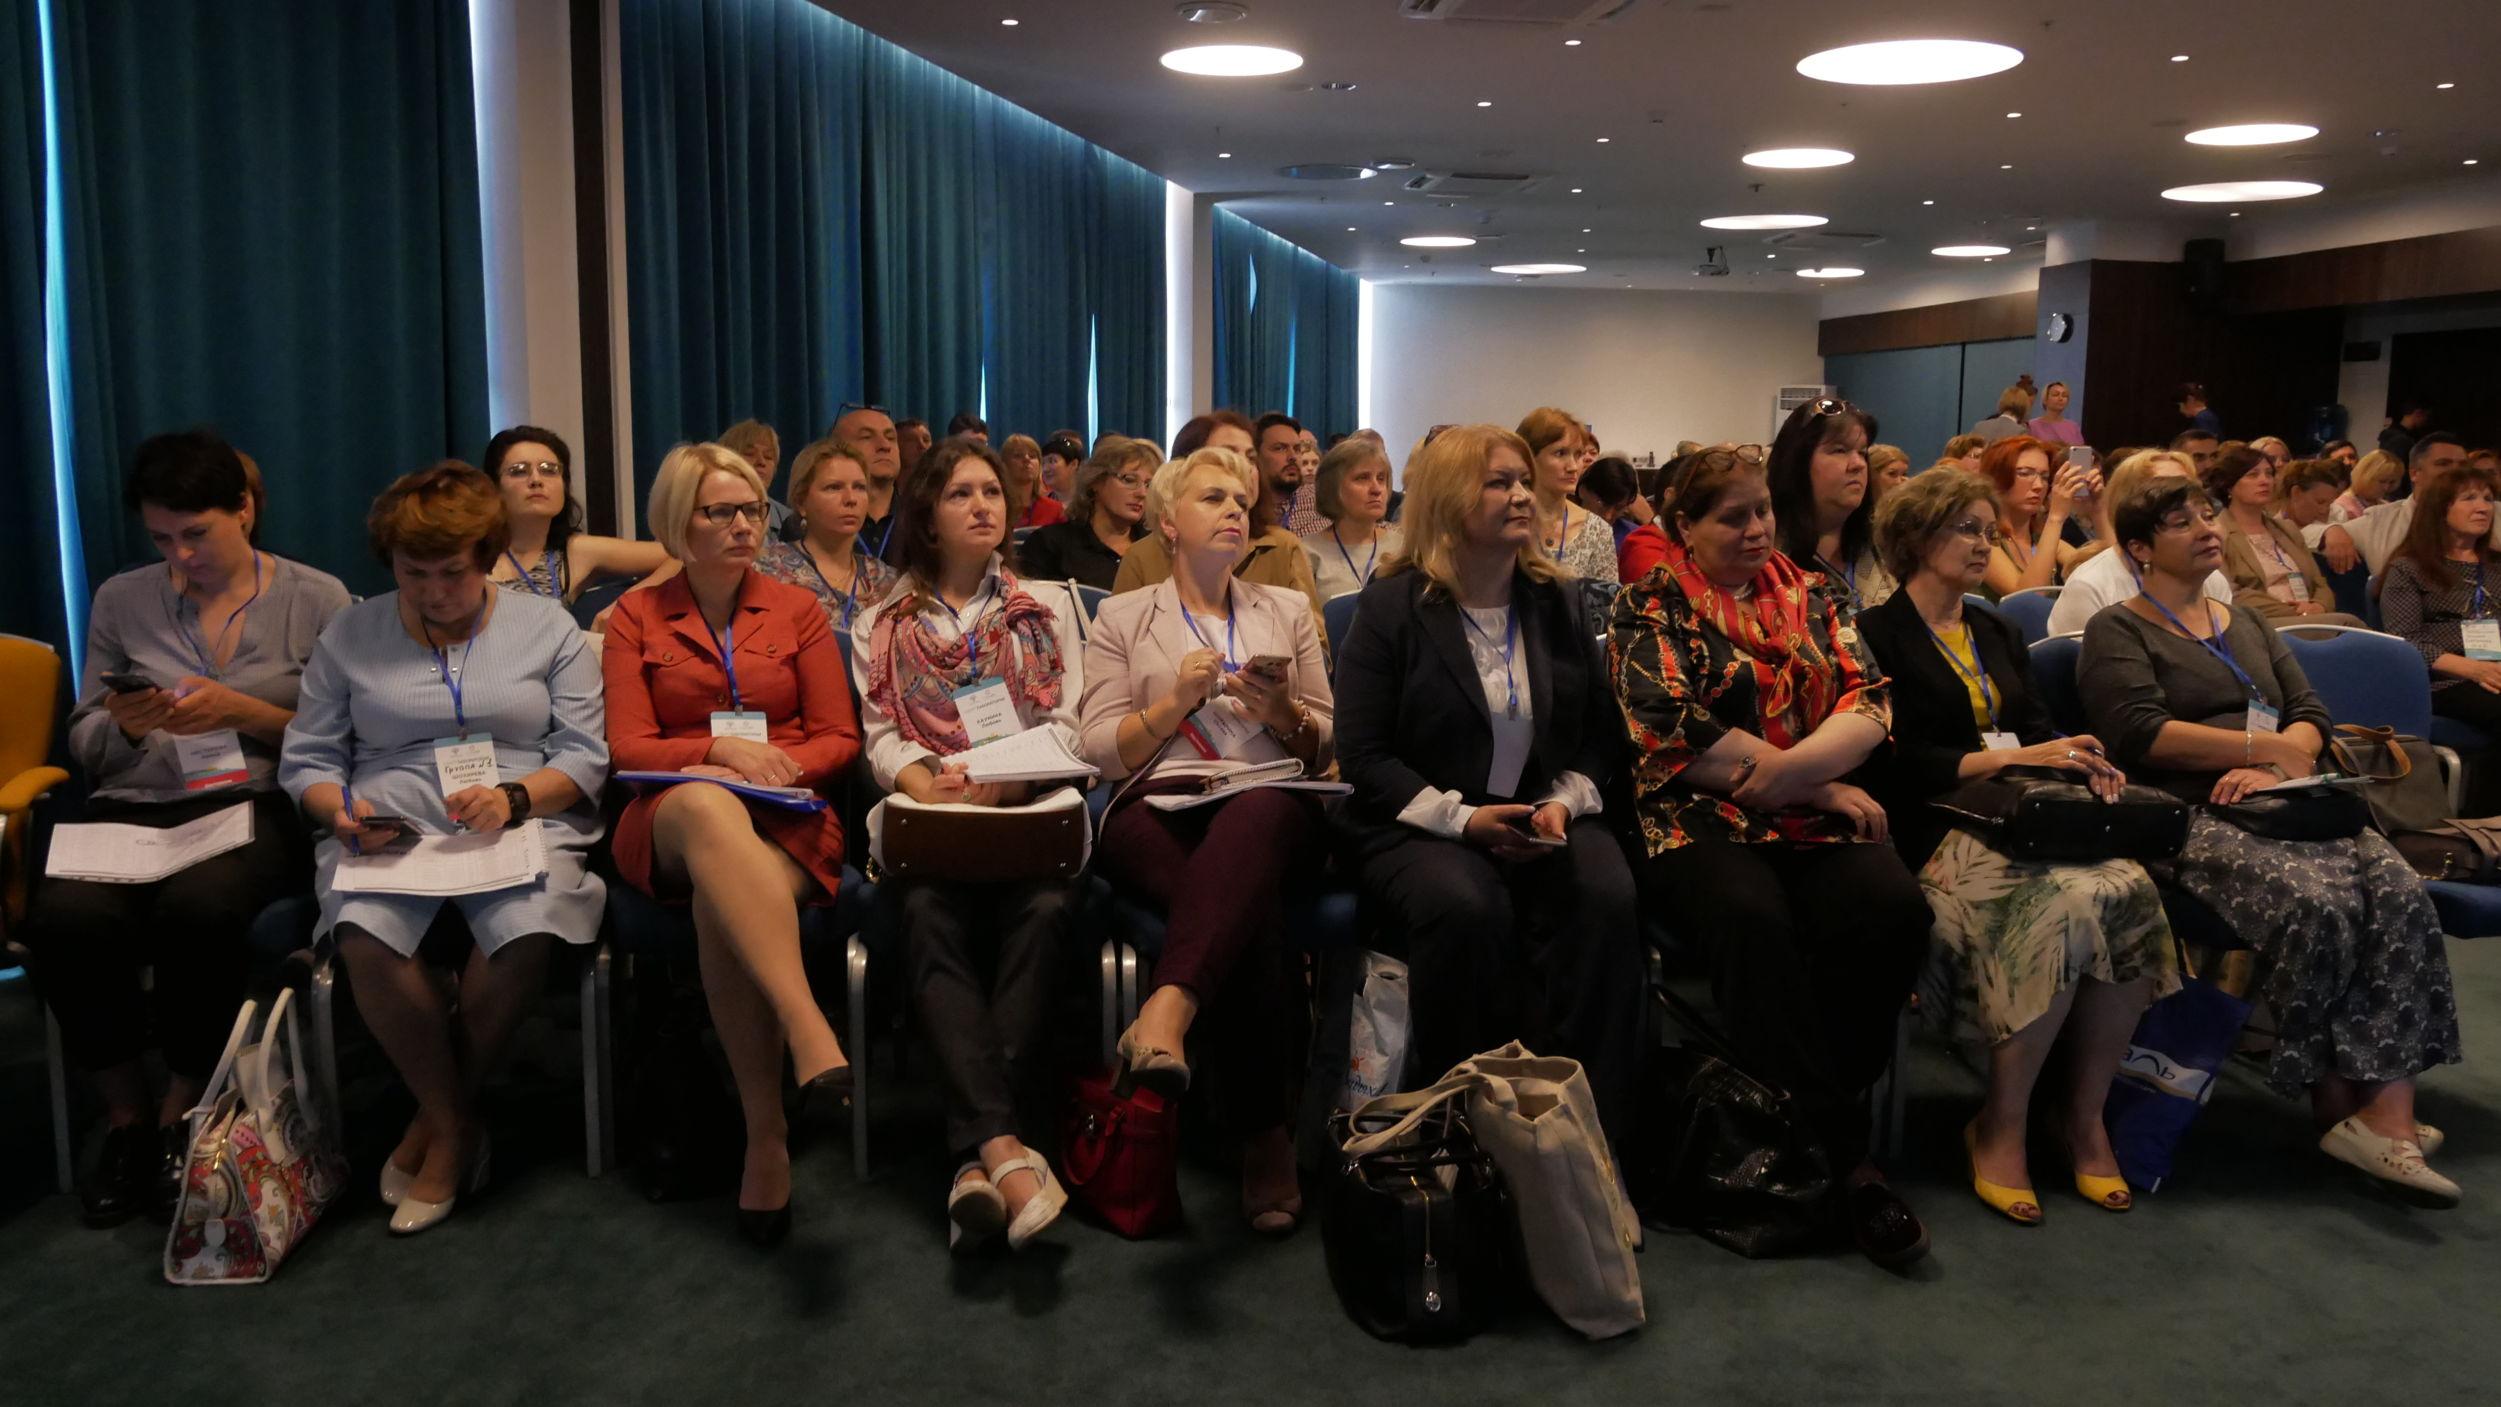 На туристическом форуме «Visit Russia» представят лучшие проекты участников «Сraft лаборатории»